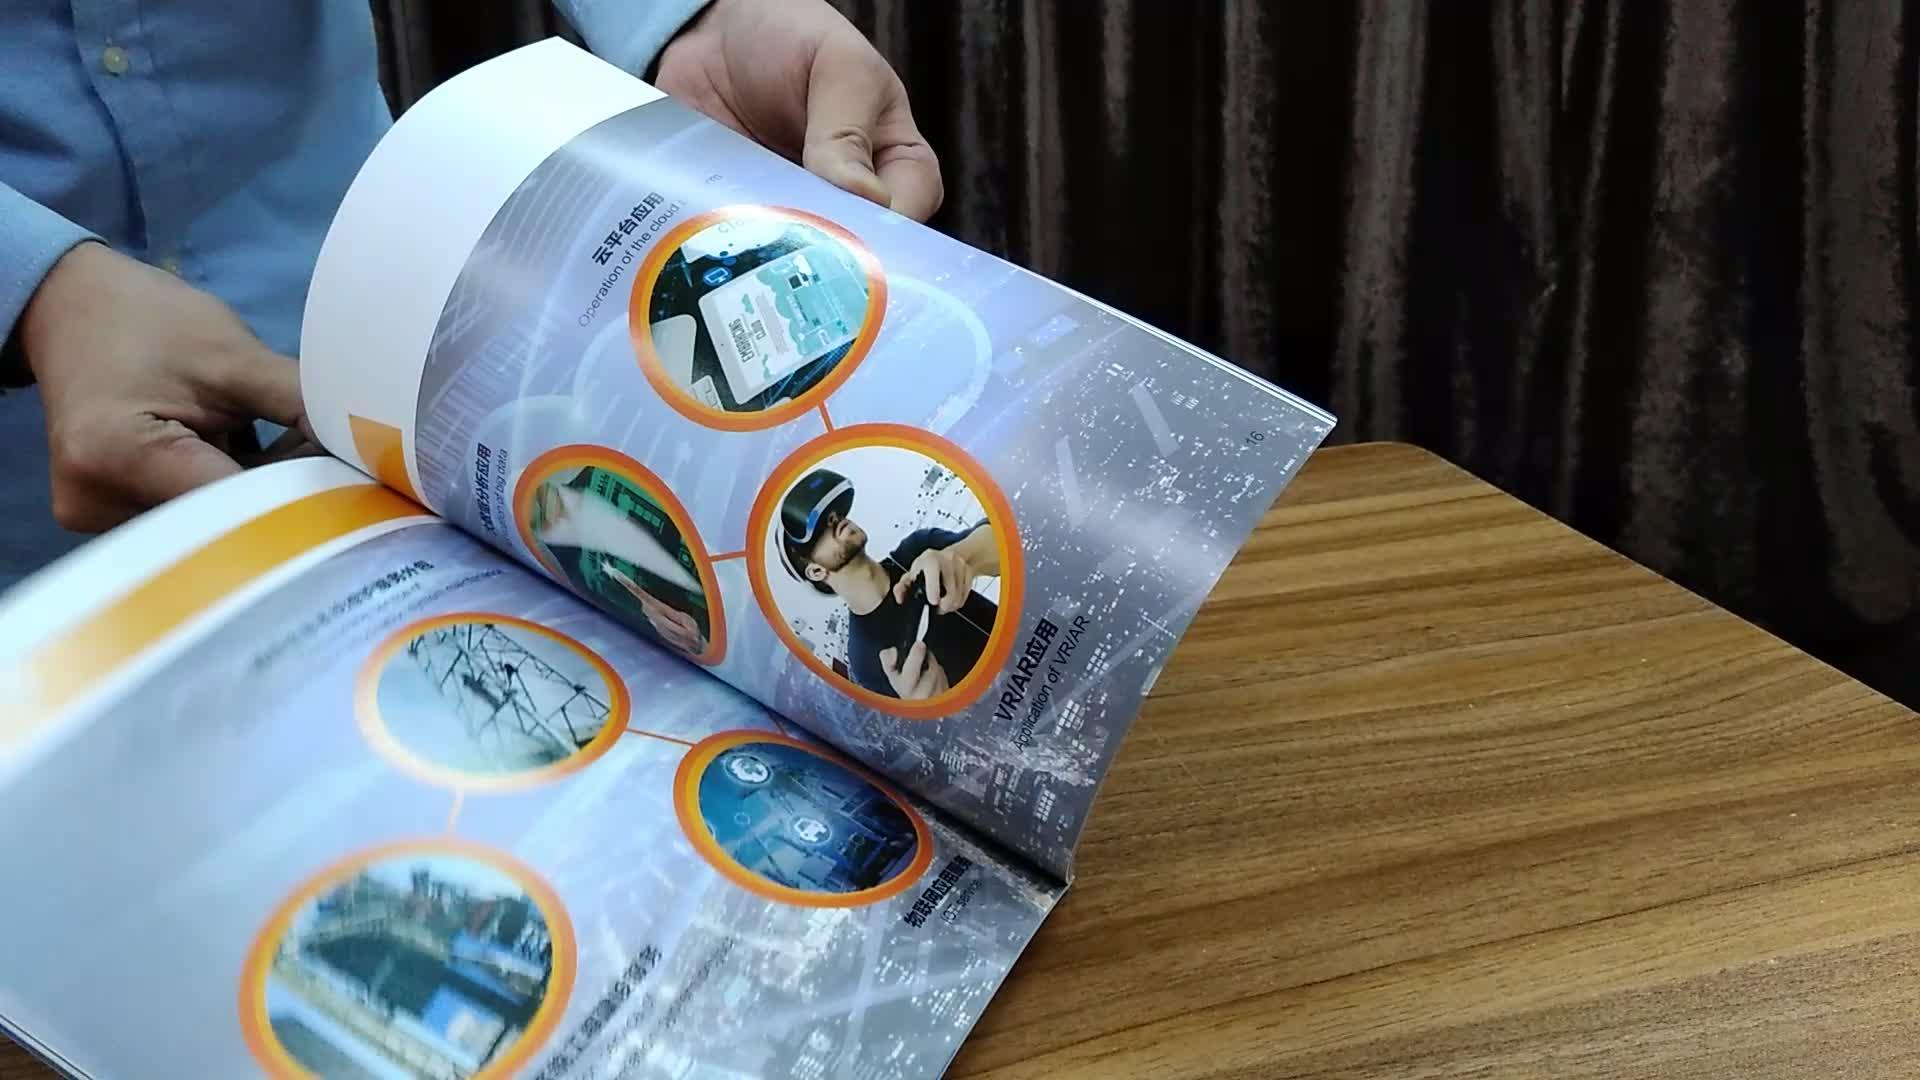 A impressão de livretos profissional personalizado revista catálogo de impressão do folheto